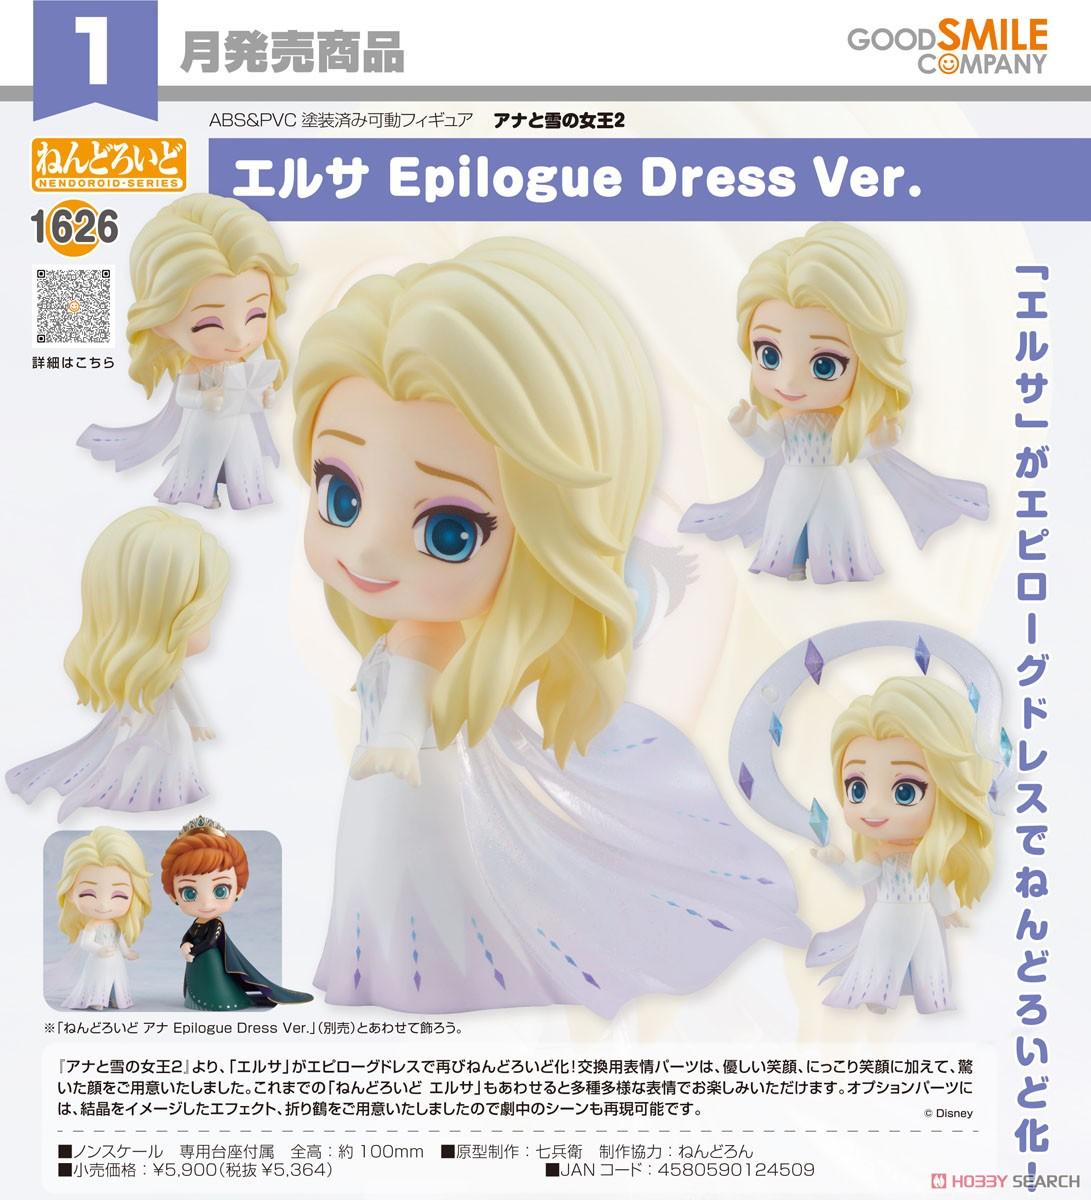 ねんどろいど『エルサ Epilogue Dress Ver.』アナと雪の女王2 デフォルメ可動フィギュア-008